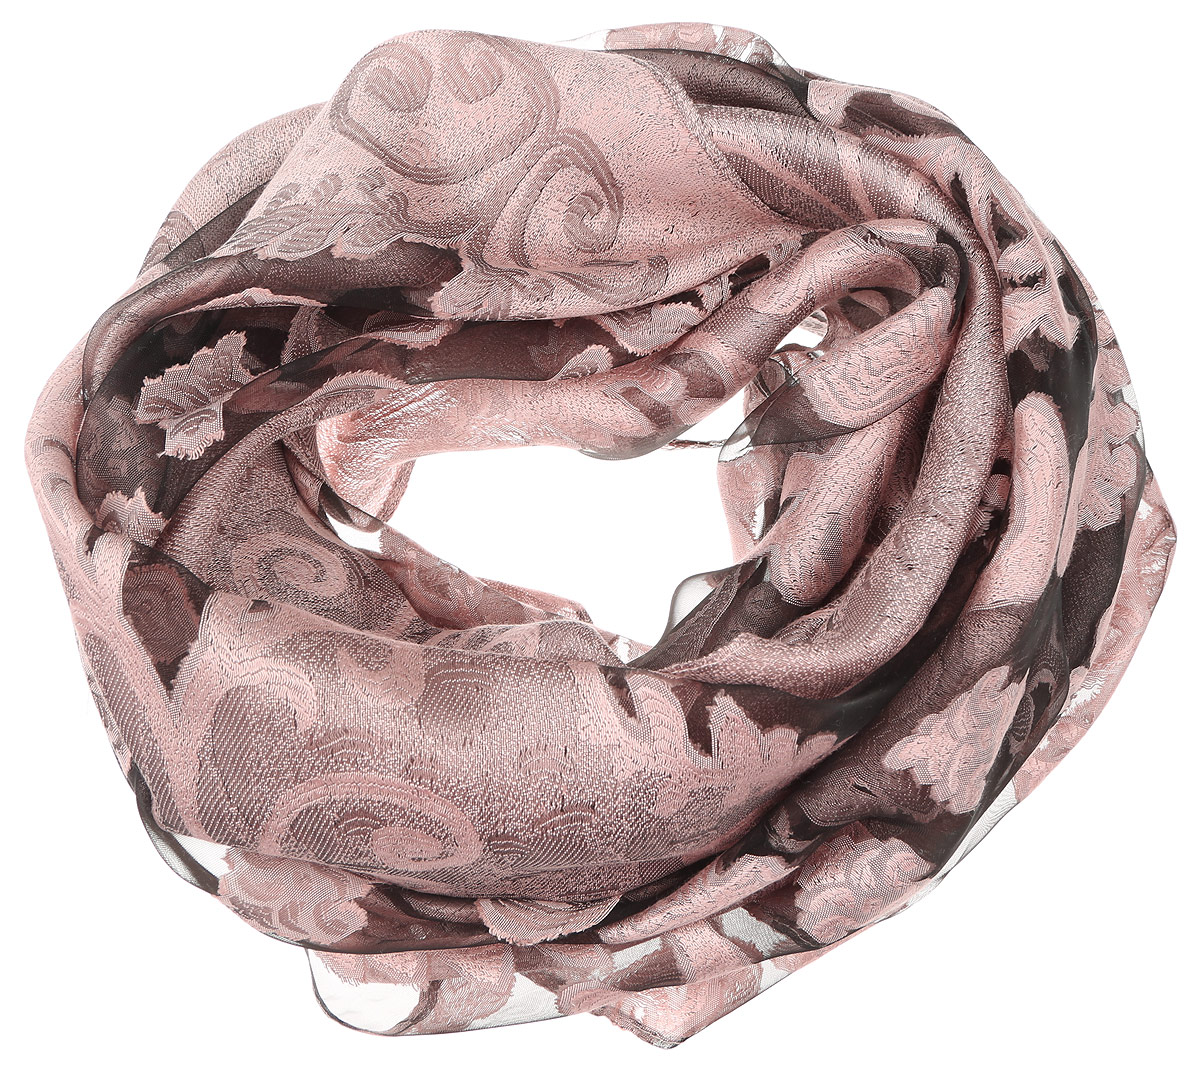 Палантин женский Sophie Ramage, цвет: бежево-розовый. YY-21658-42. Размер 70 см х 180 смYY-21658-42Элегантный палантин Sophie Ramage станет достойным завершением вашего образа. Палантин изготовлен из шелка с добавлением вискозы. Оформлена модель вставками из полупрозрачного материала и стильным узором. Палантин красиво драпируется, он превосходно дополнит любой наряд и подчеркнет ваш изысканный вкус. Легкий и изящный палантин привнесет в ваш образ утонченность и шарм.